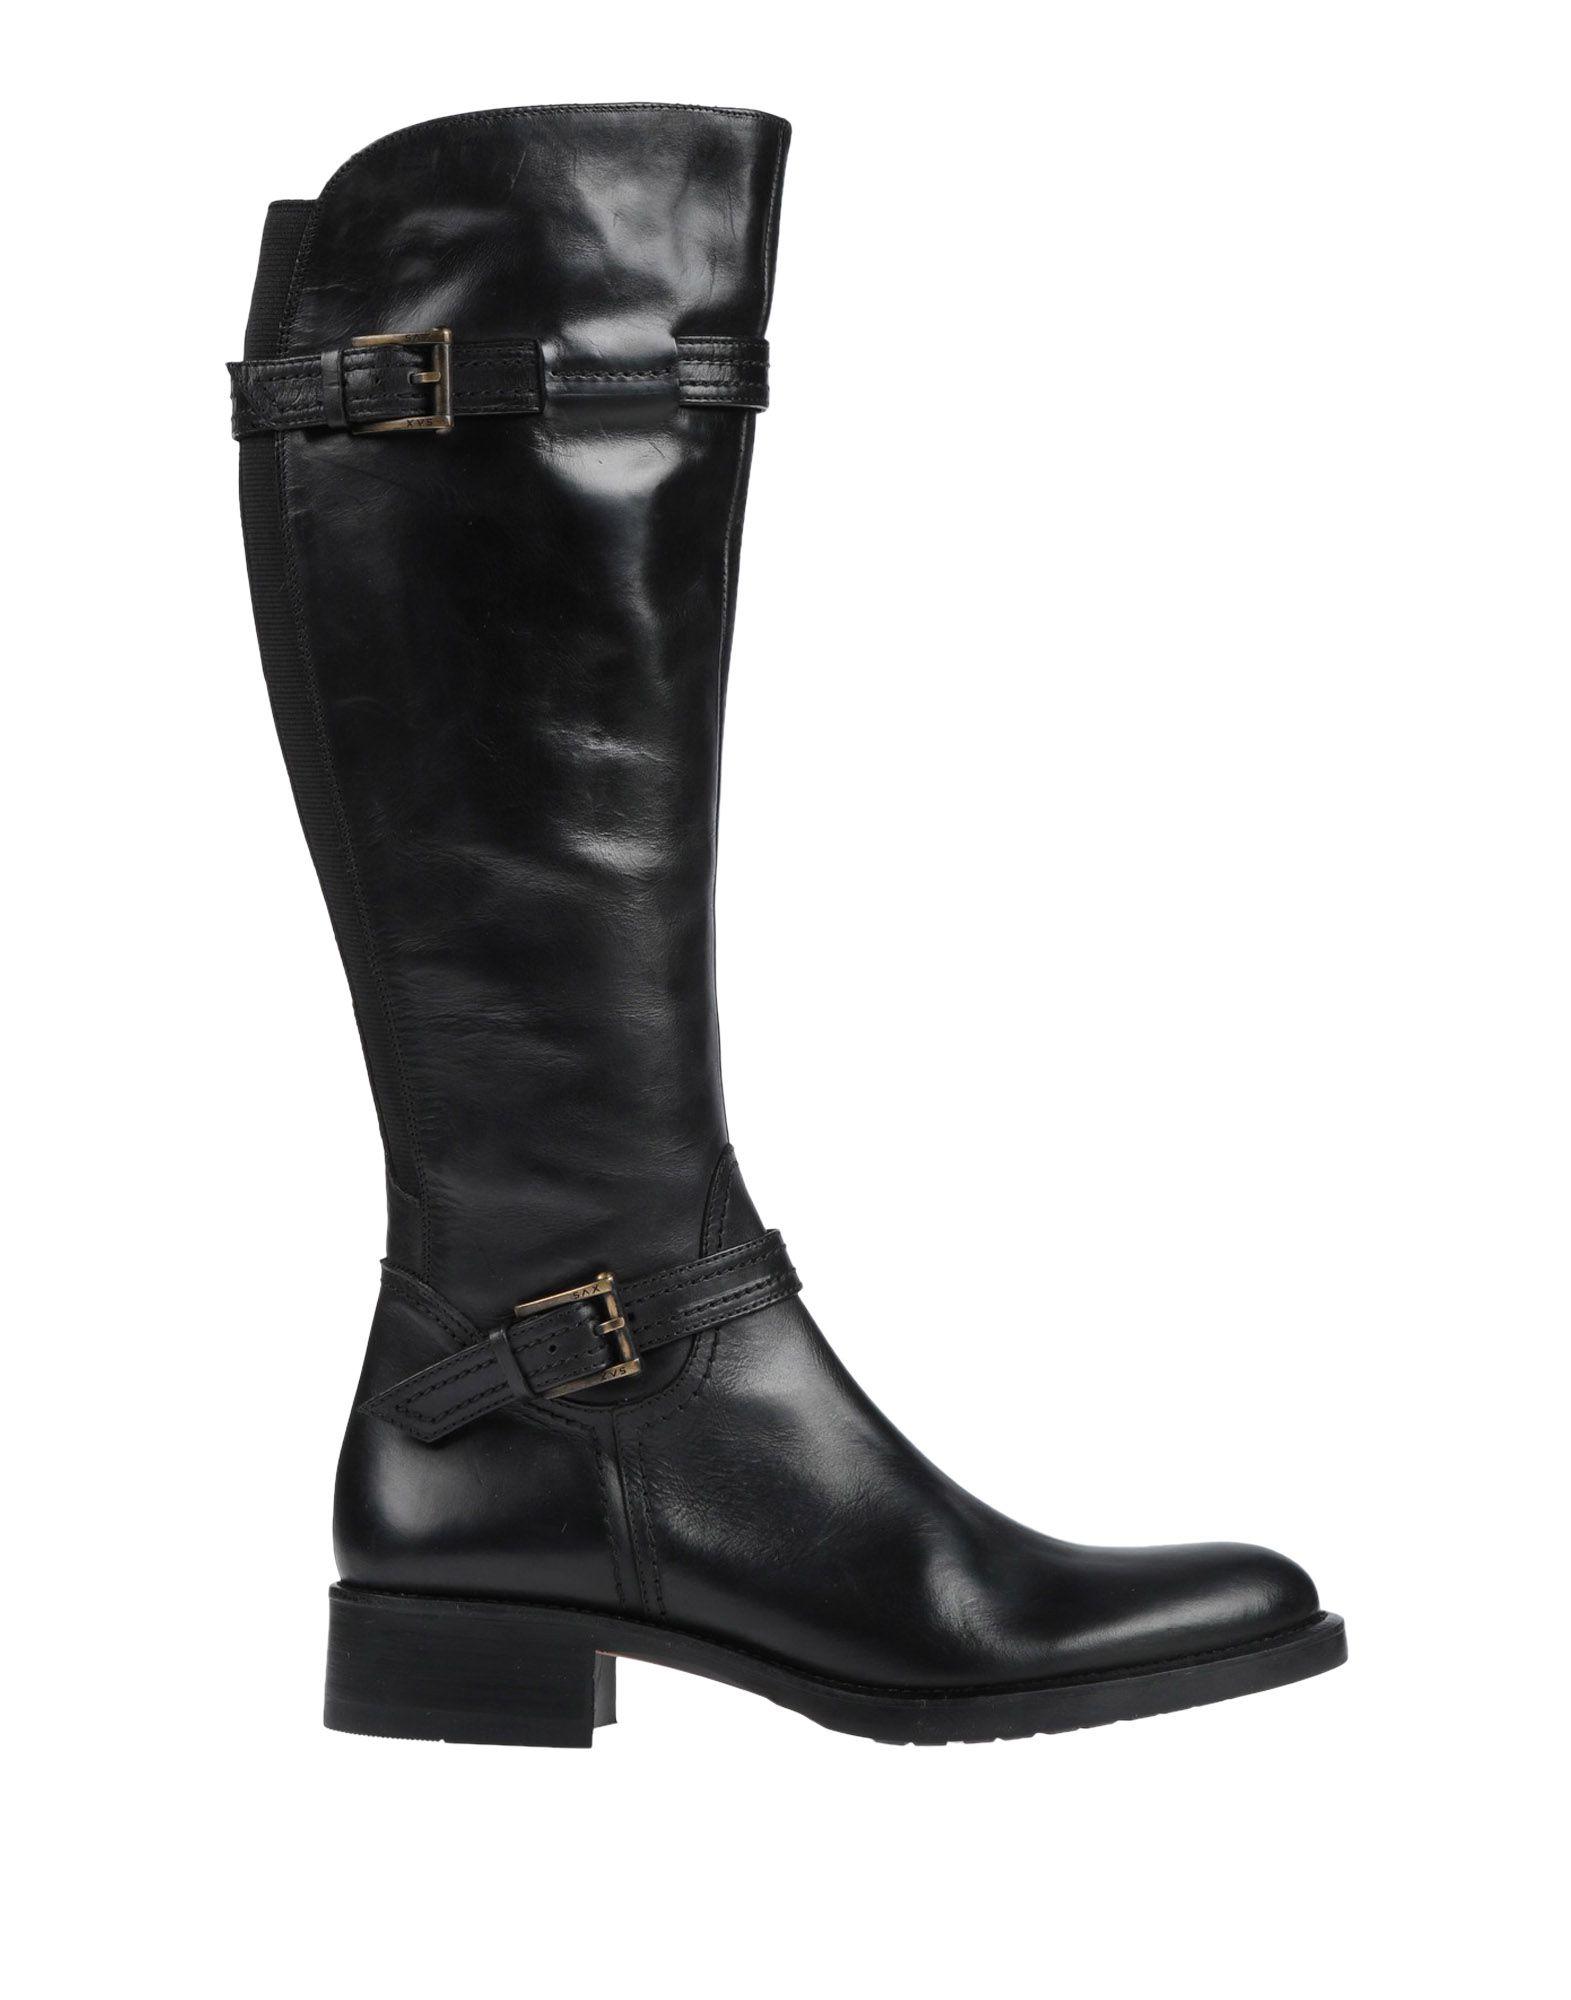 Sax Stiefel Damen  11533810SL Gute Qualität beliebte Schuhe